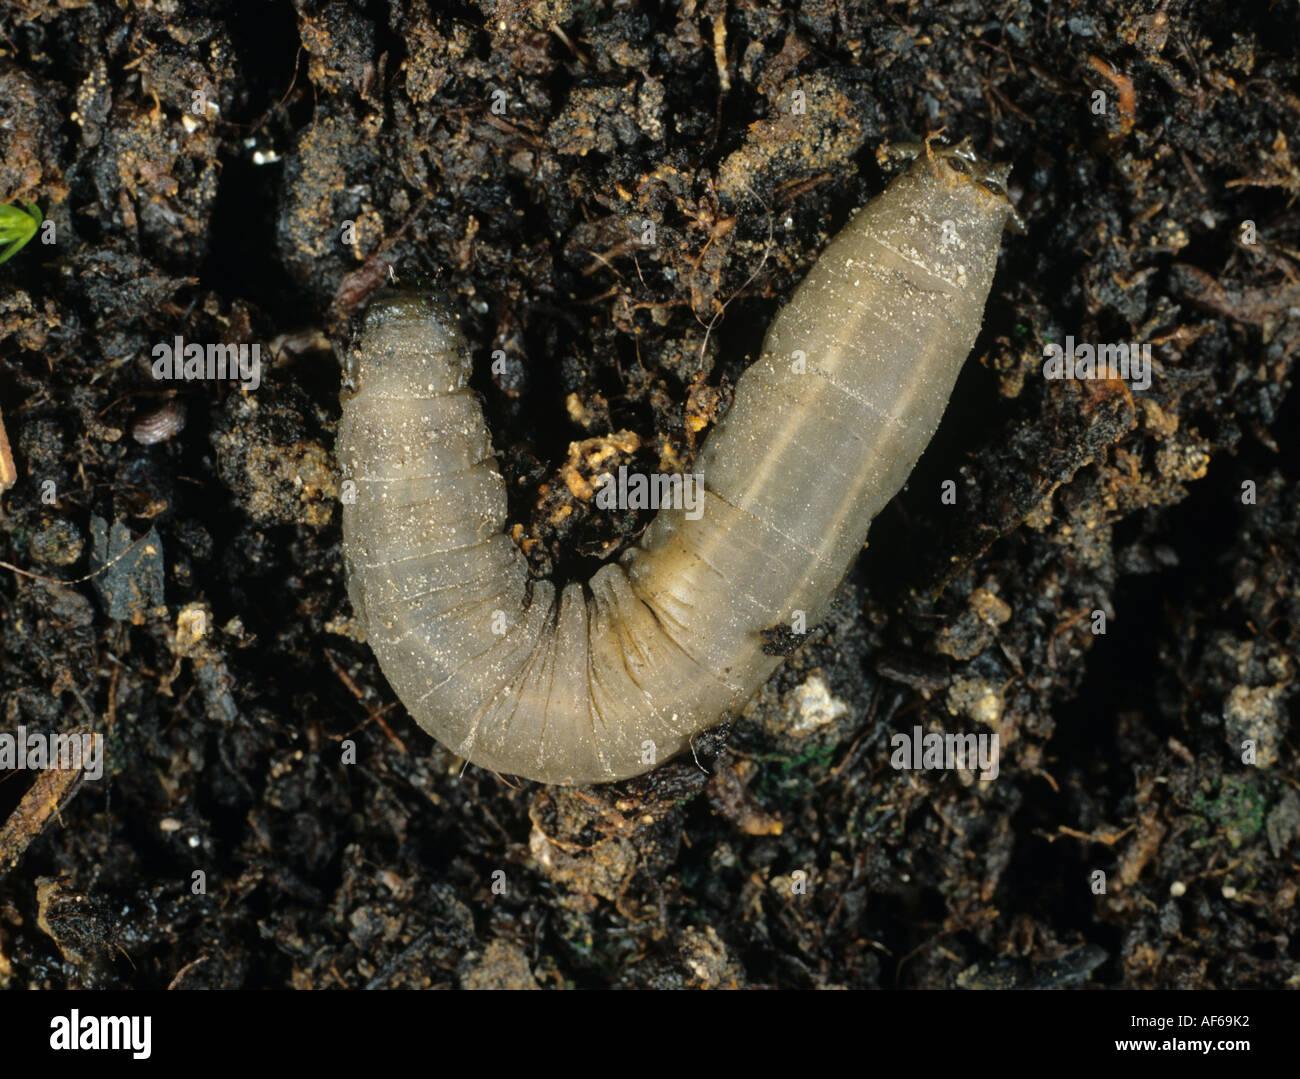 Leather jacket insect - Leatherjacket Tipula Sp Crane Fly Larva On Soil Stock Image